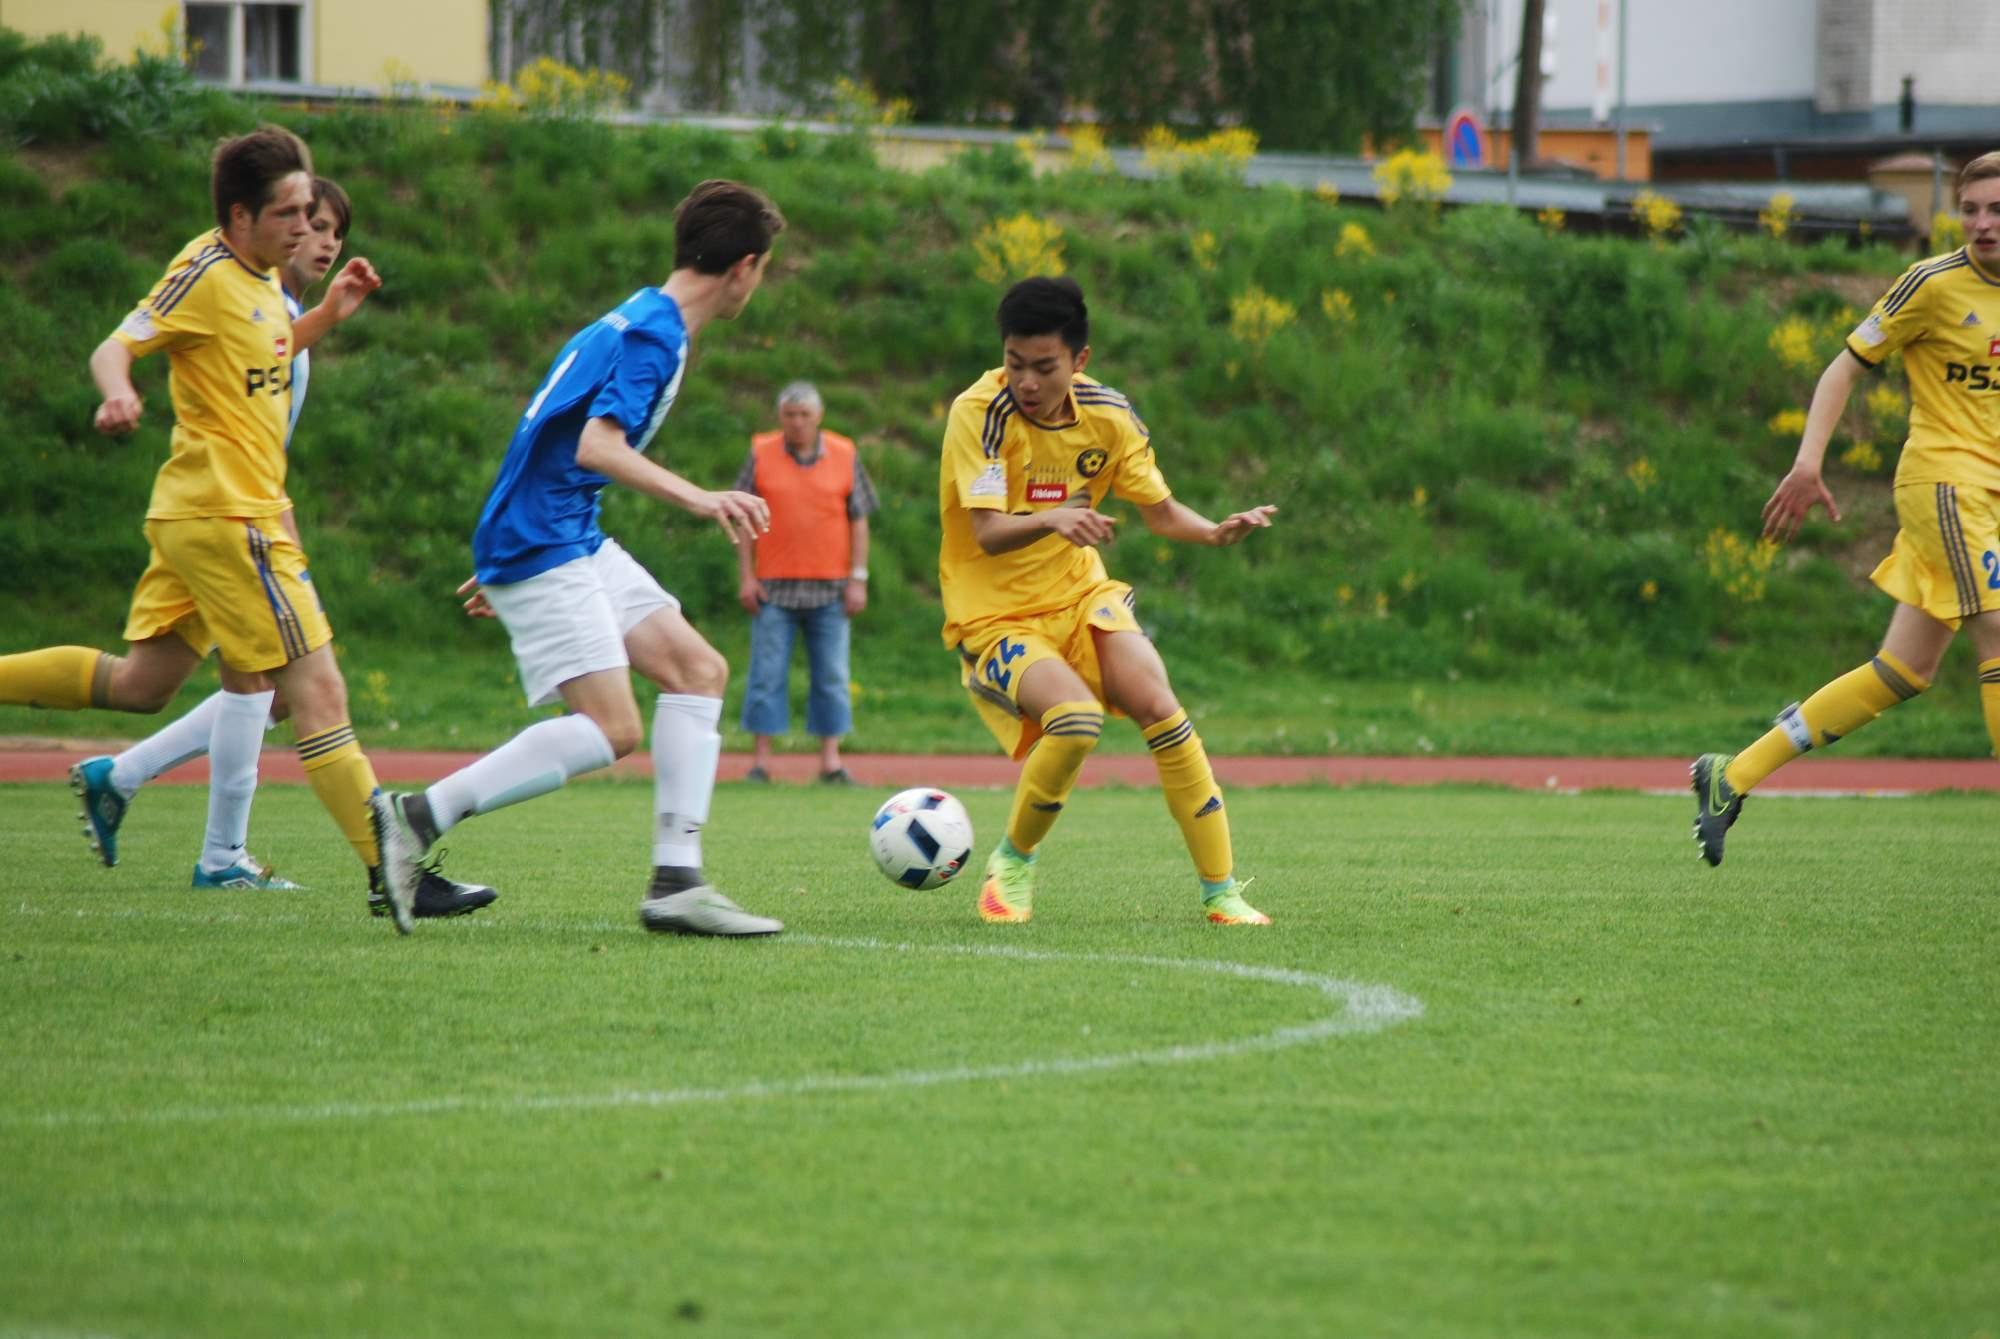 U16: Prohra s Frýdkem-Místkem po nepřesvědčivém výkonu